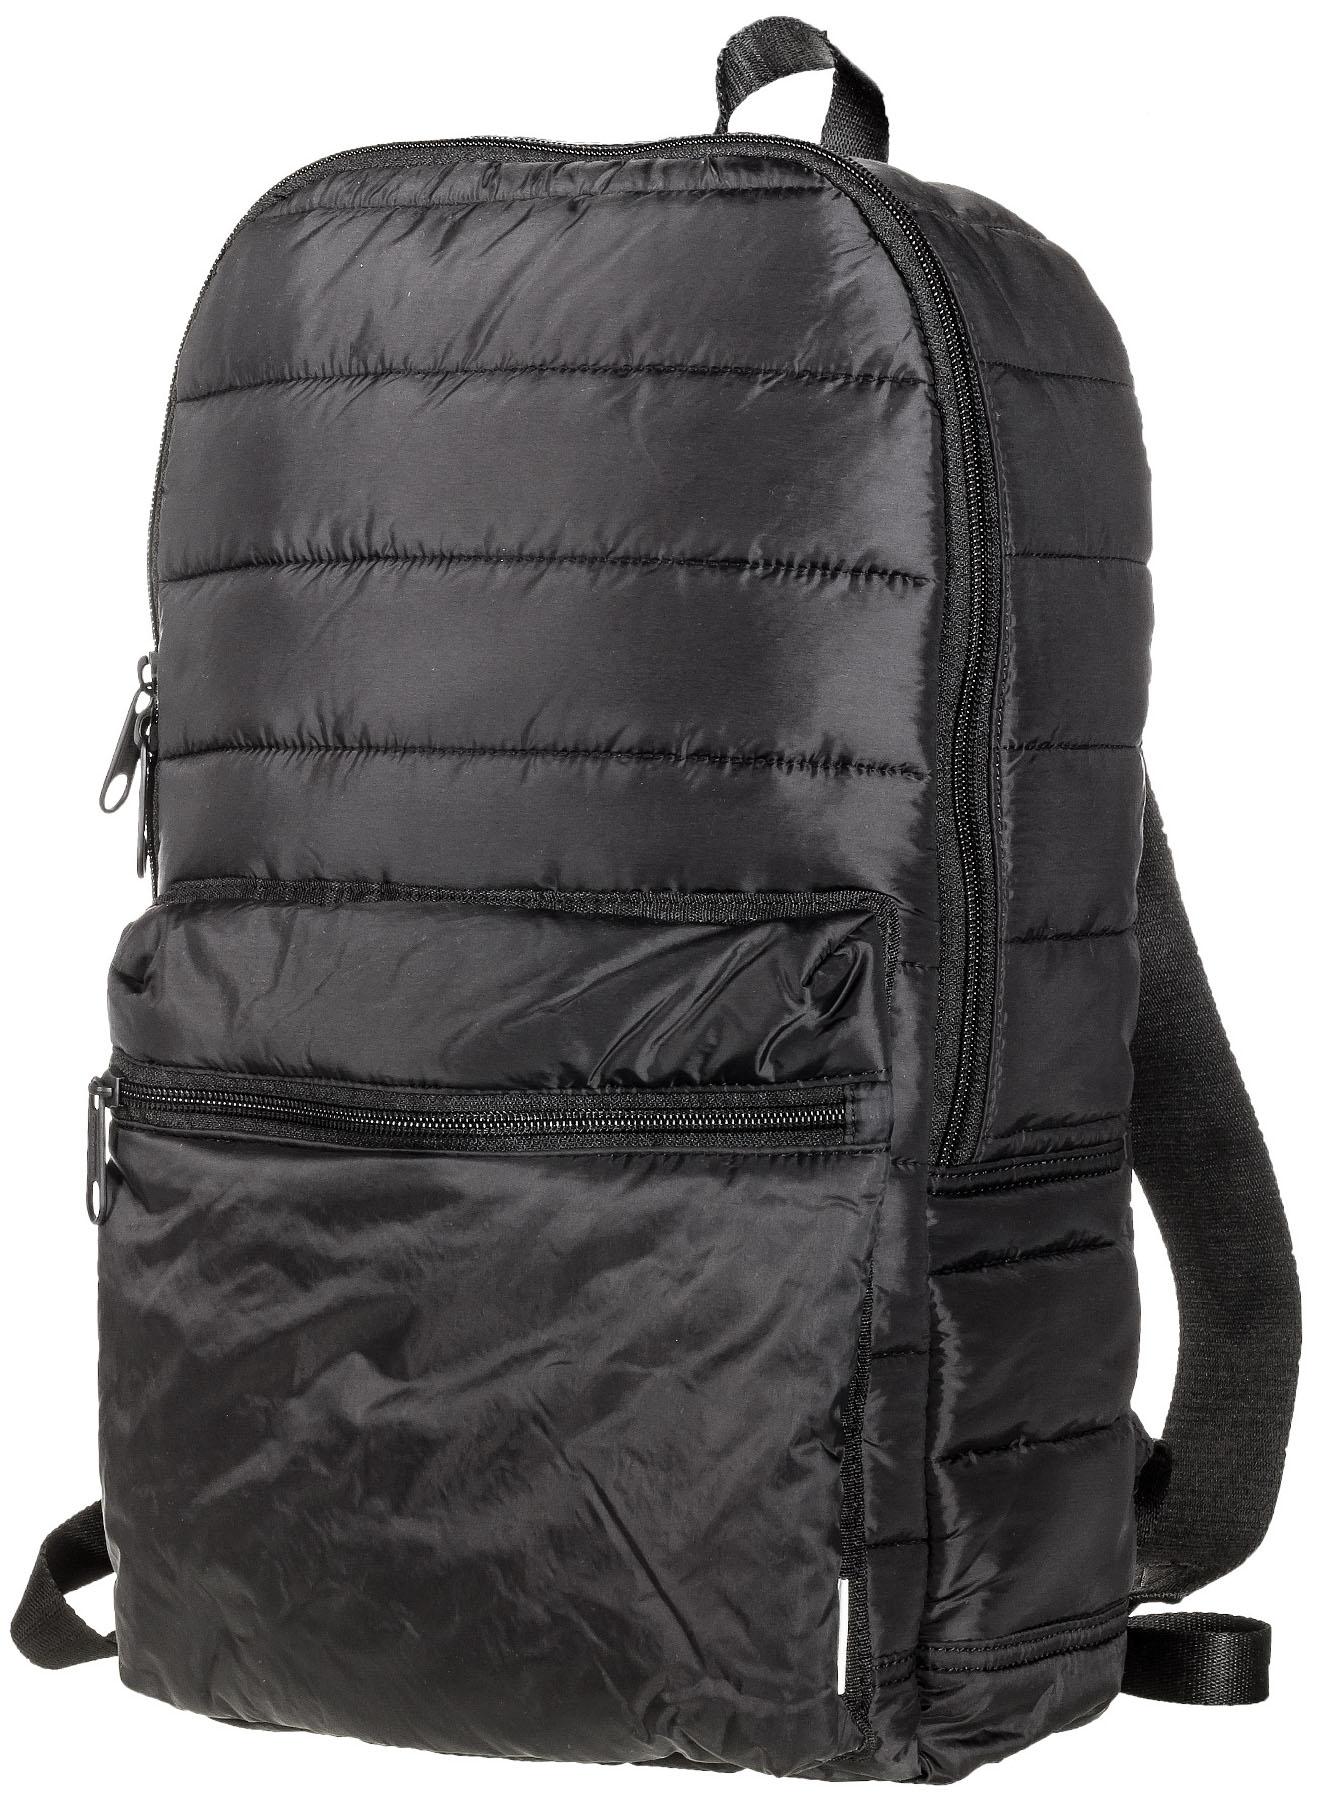 Рюкзак городской Converse Packable Backpack, цвет: черный. 1000133100110001331001